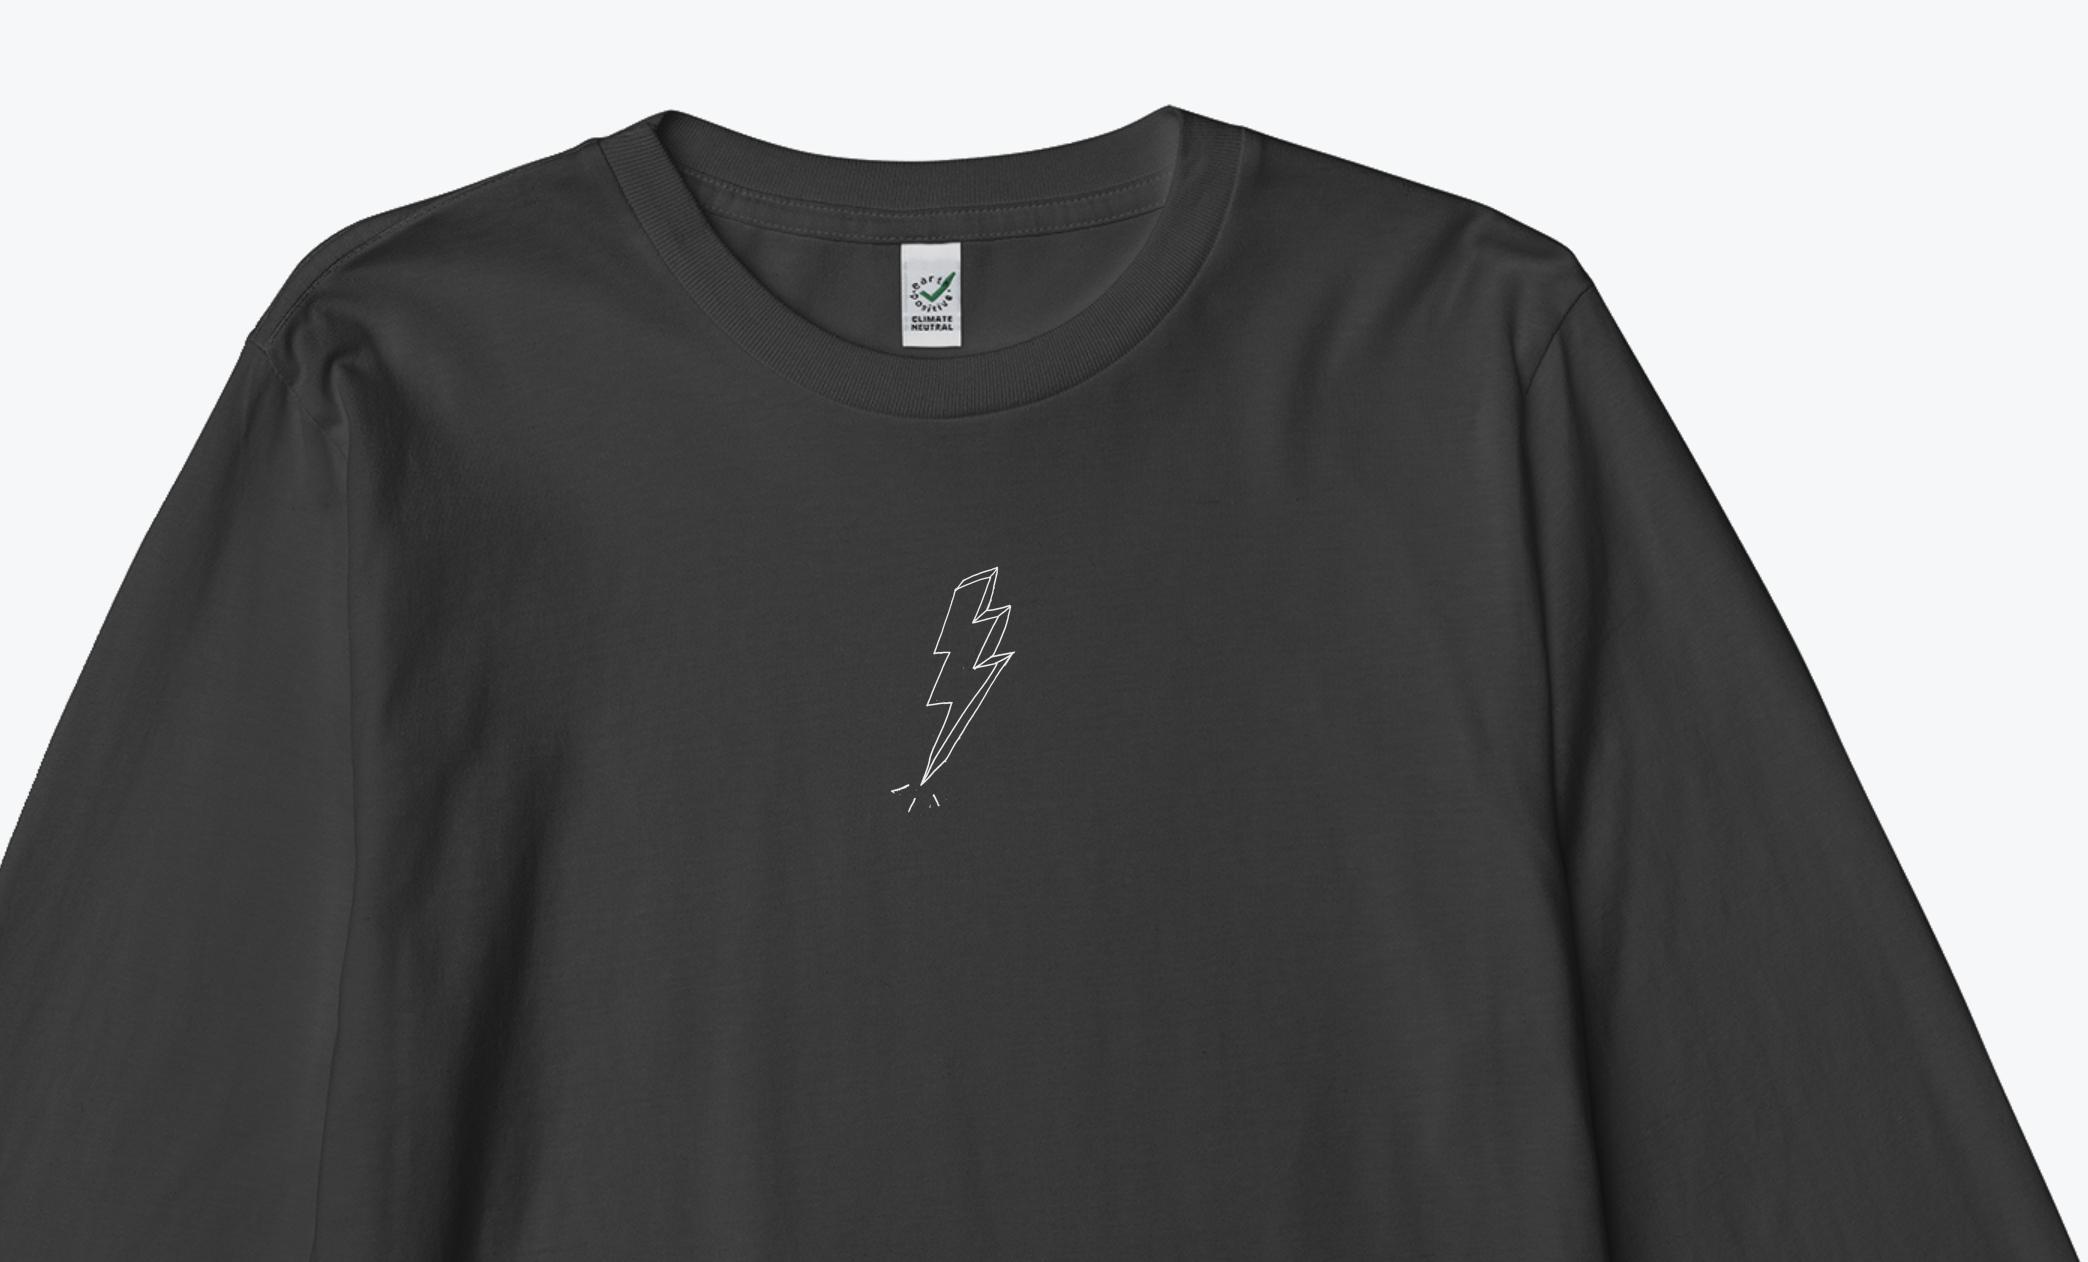 Mellt - T-shirt.png